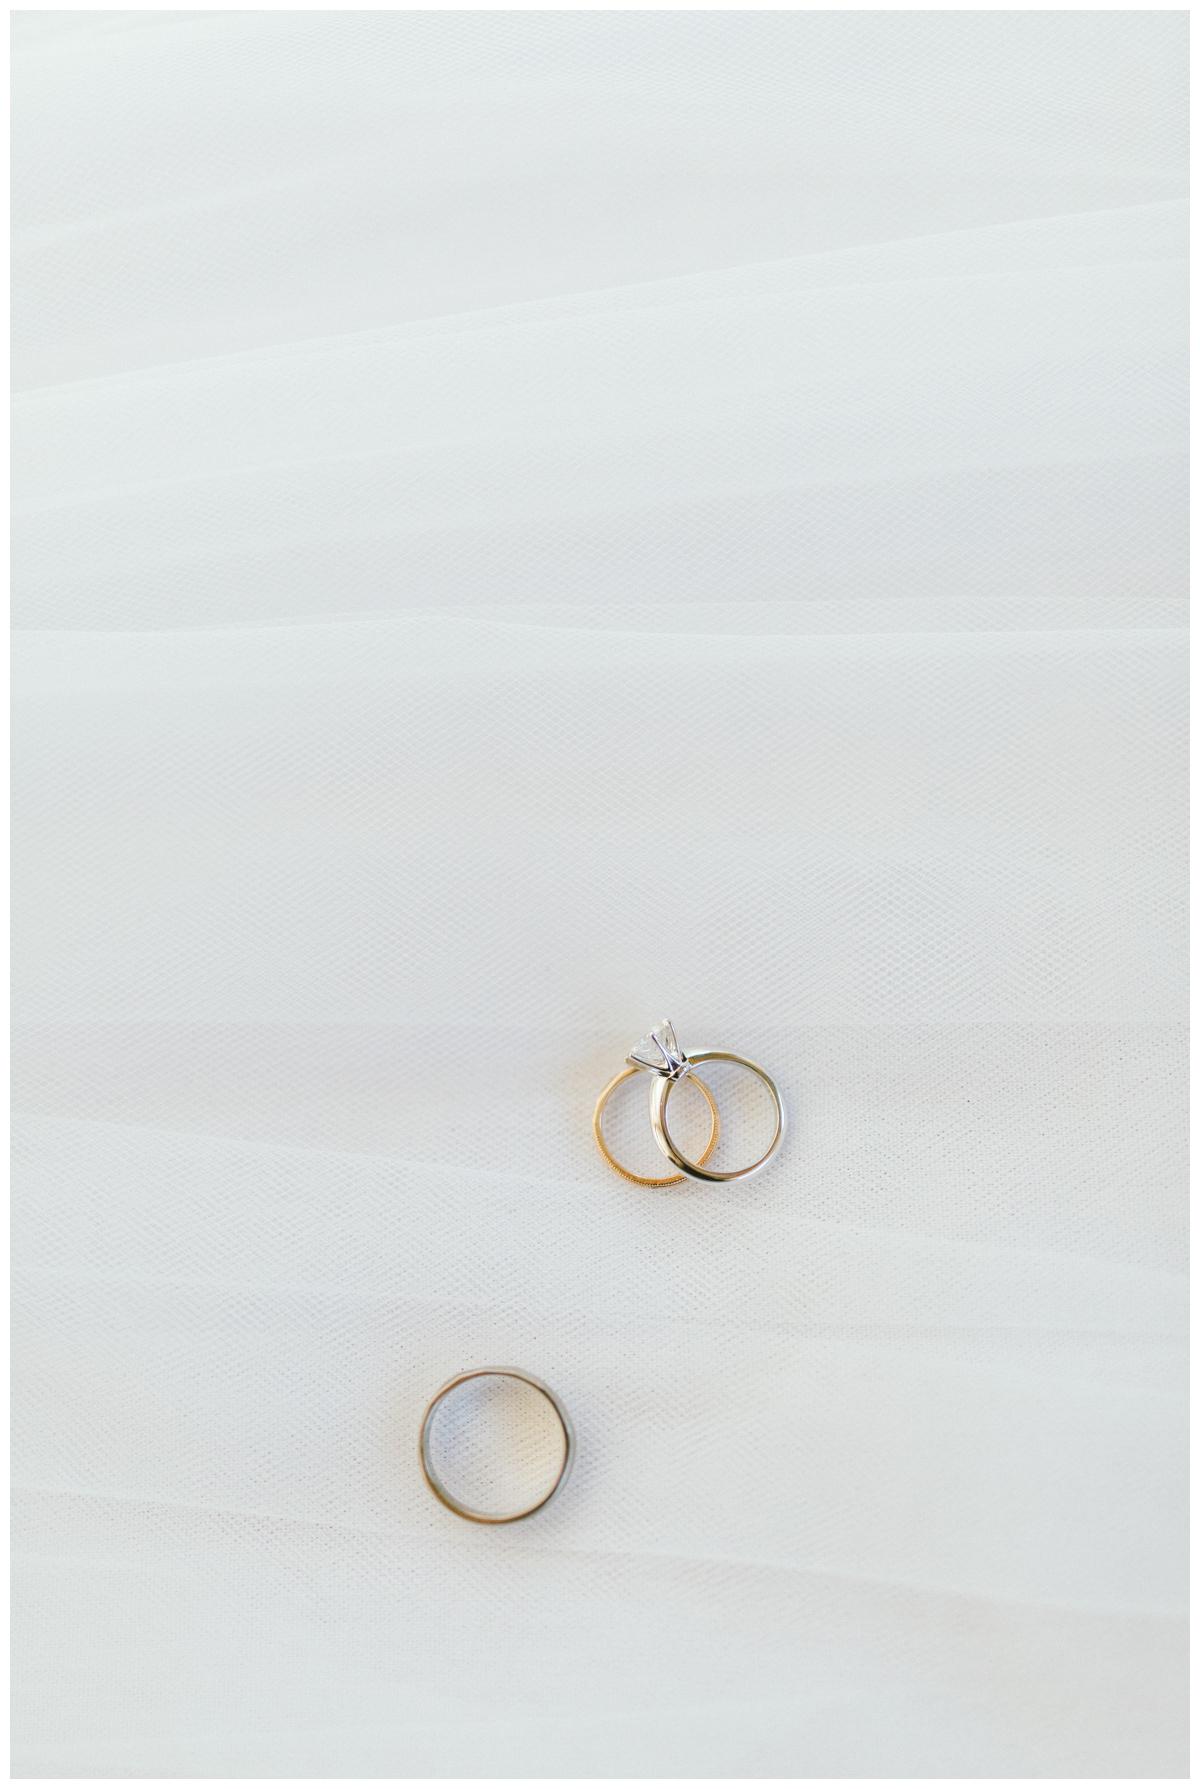 Mattie C. Hong Kong Vancouver Fine Art Wedding Prewedding Photographer 44.jpg